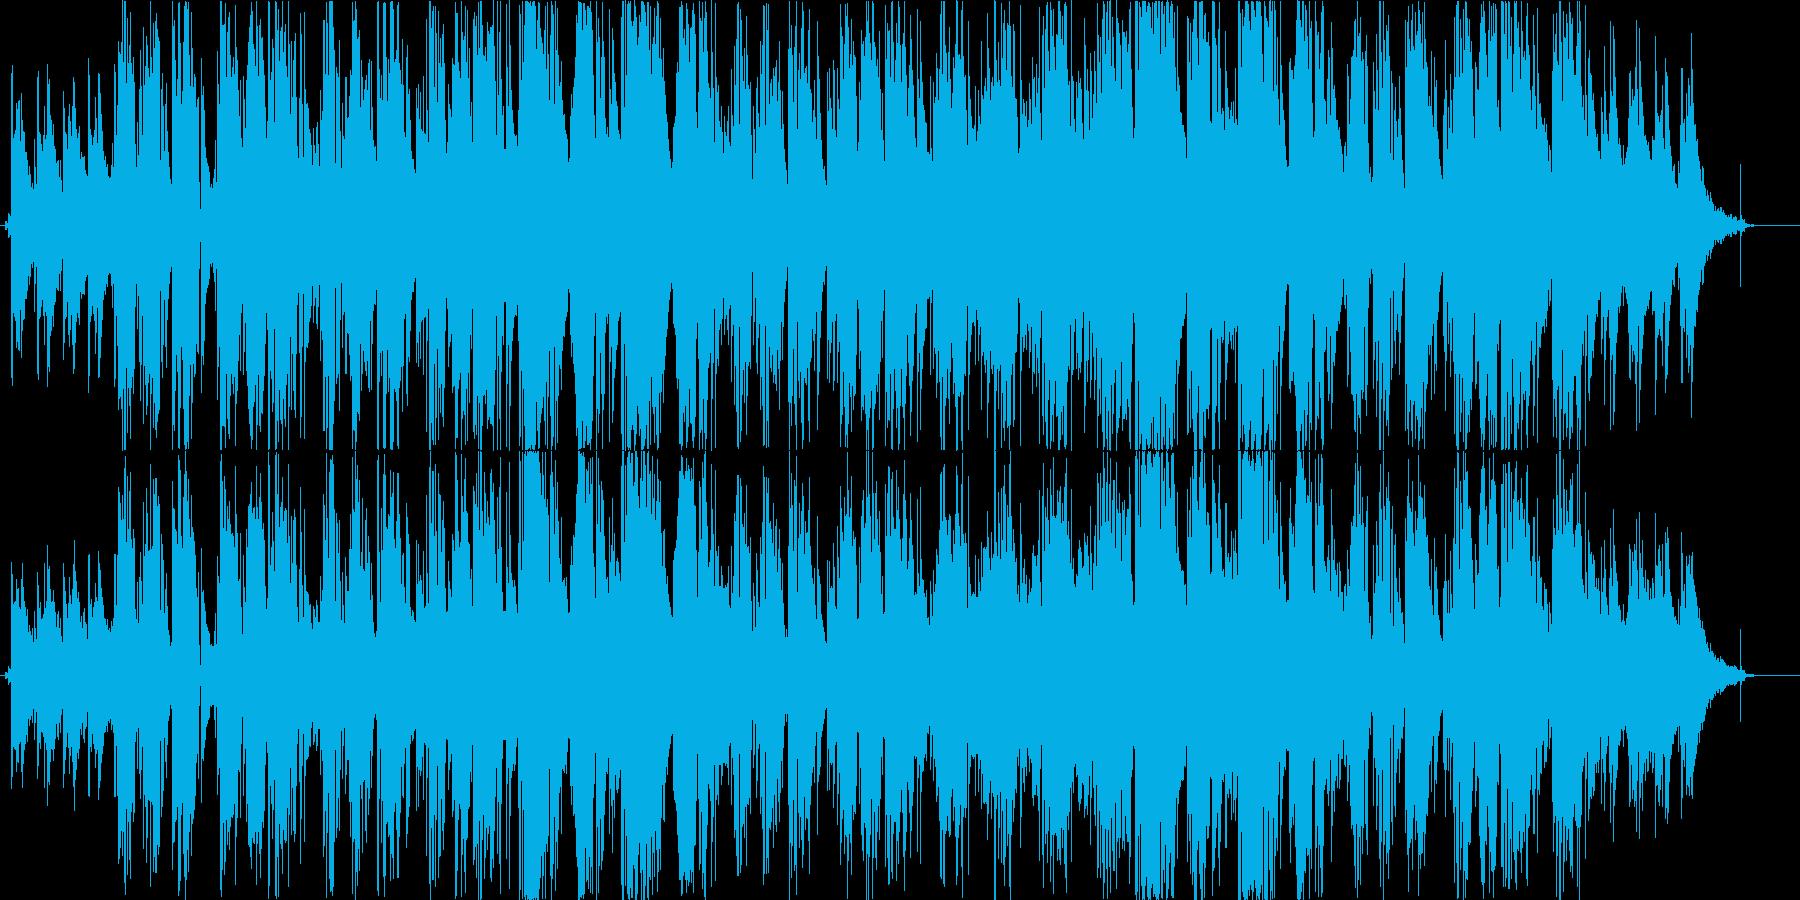 I & Iの再生済みの波形